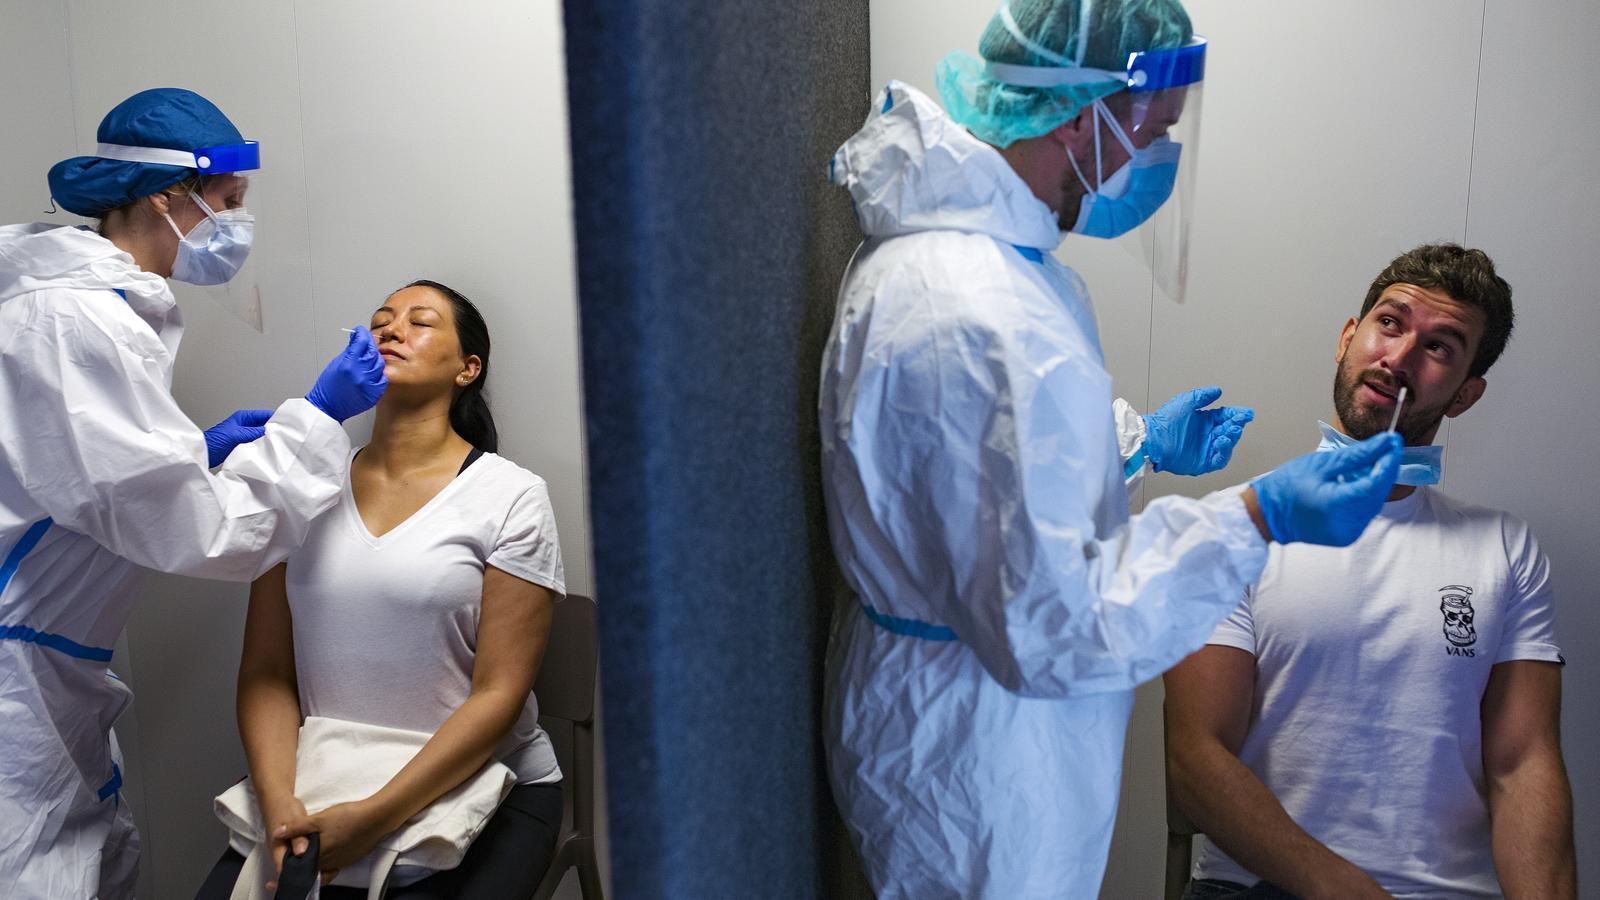 Cribratges massius amb proves PCR a l'espai comunitari del barri del Remei de Vic